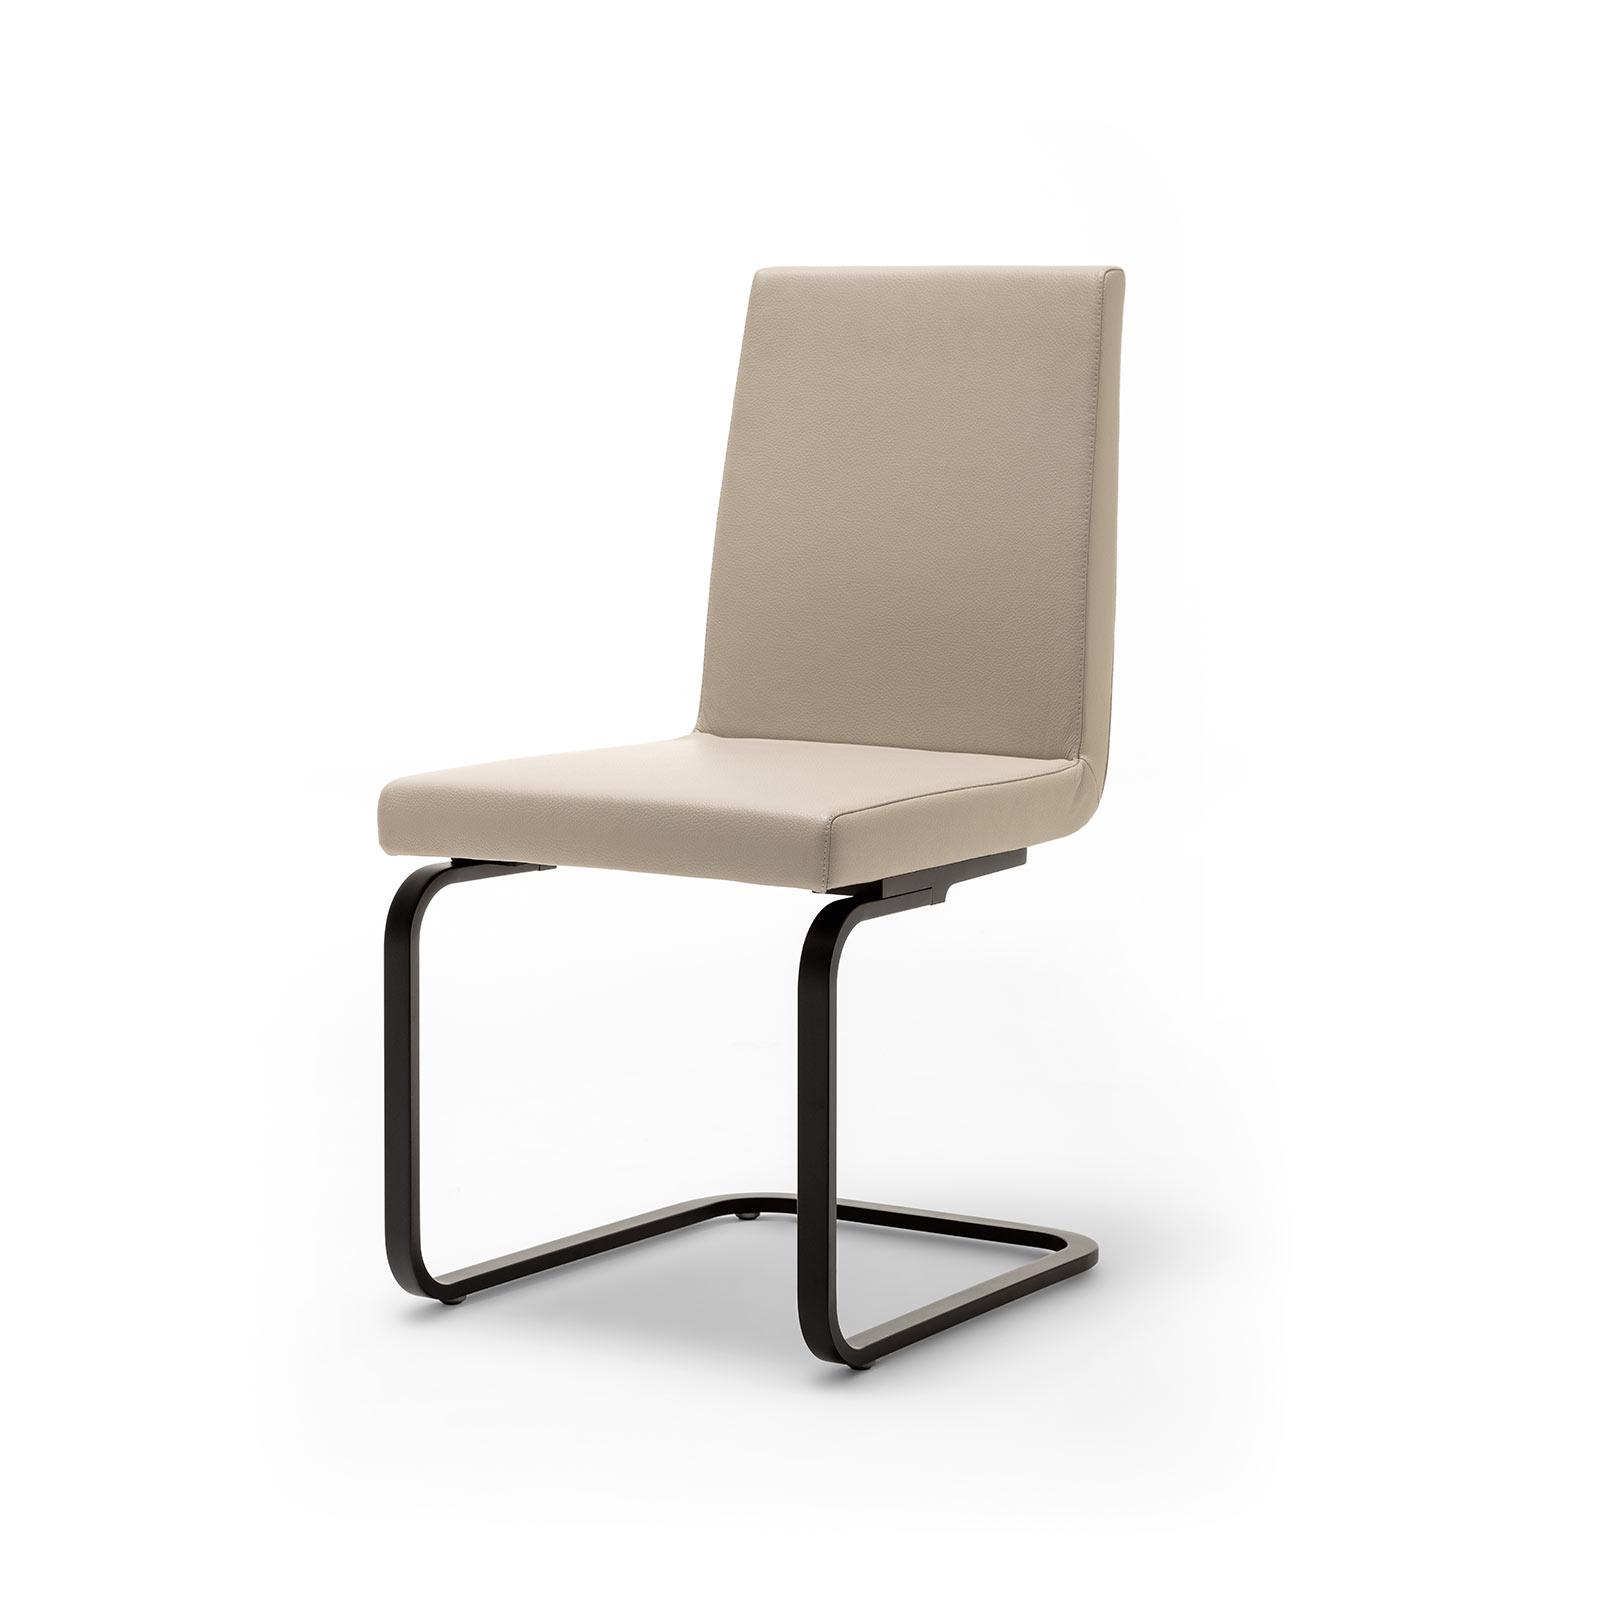 modell 620 von rolf benz cramer m bel design. Black Bedroom Furniture Sets. Home Design Ideas